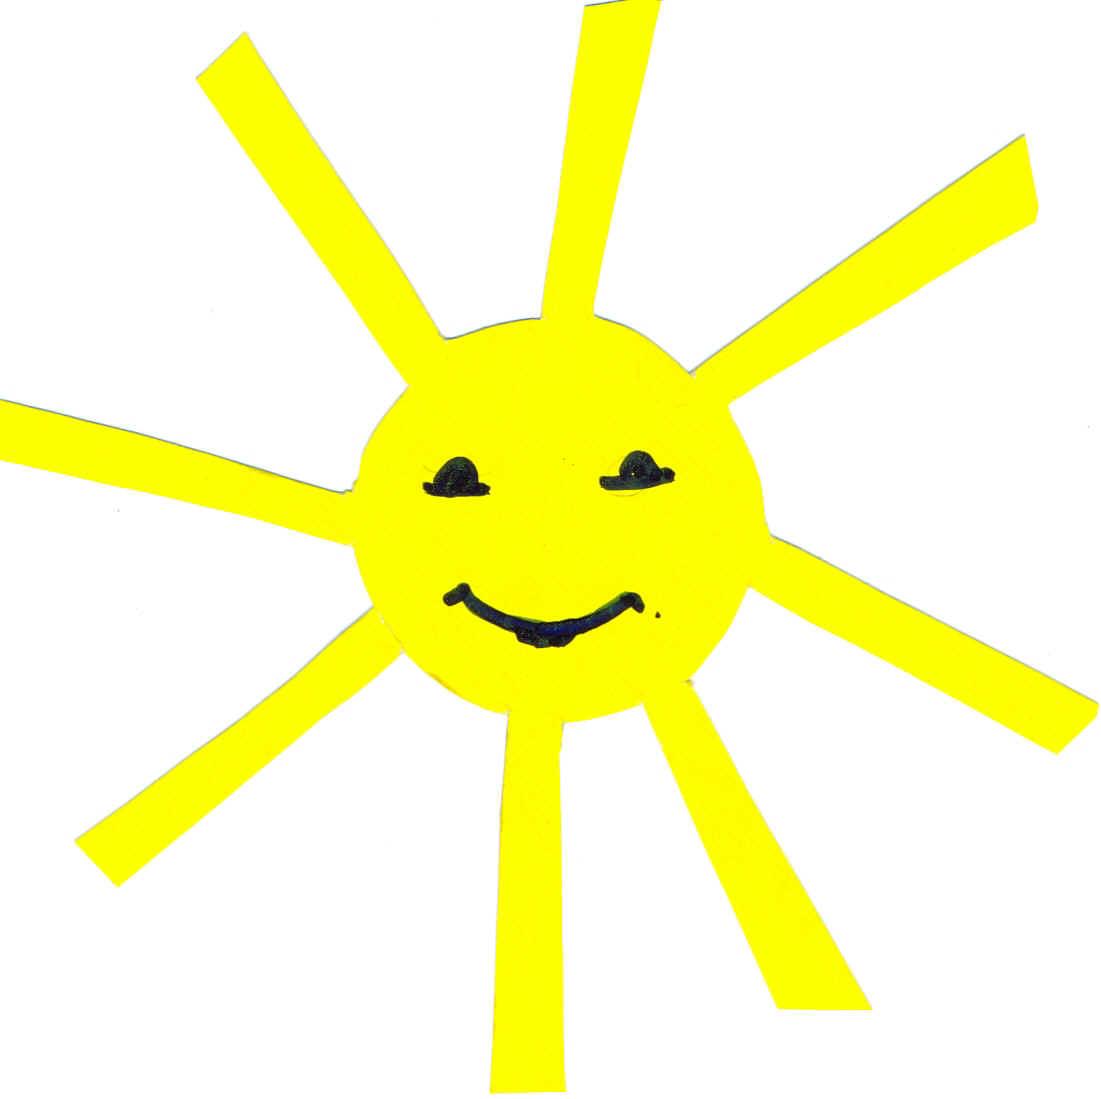 Солнце рисунок вороны - 654c5